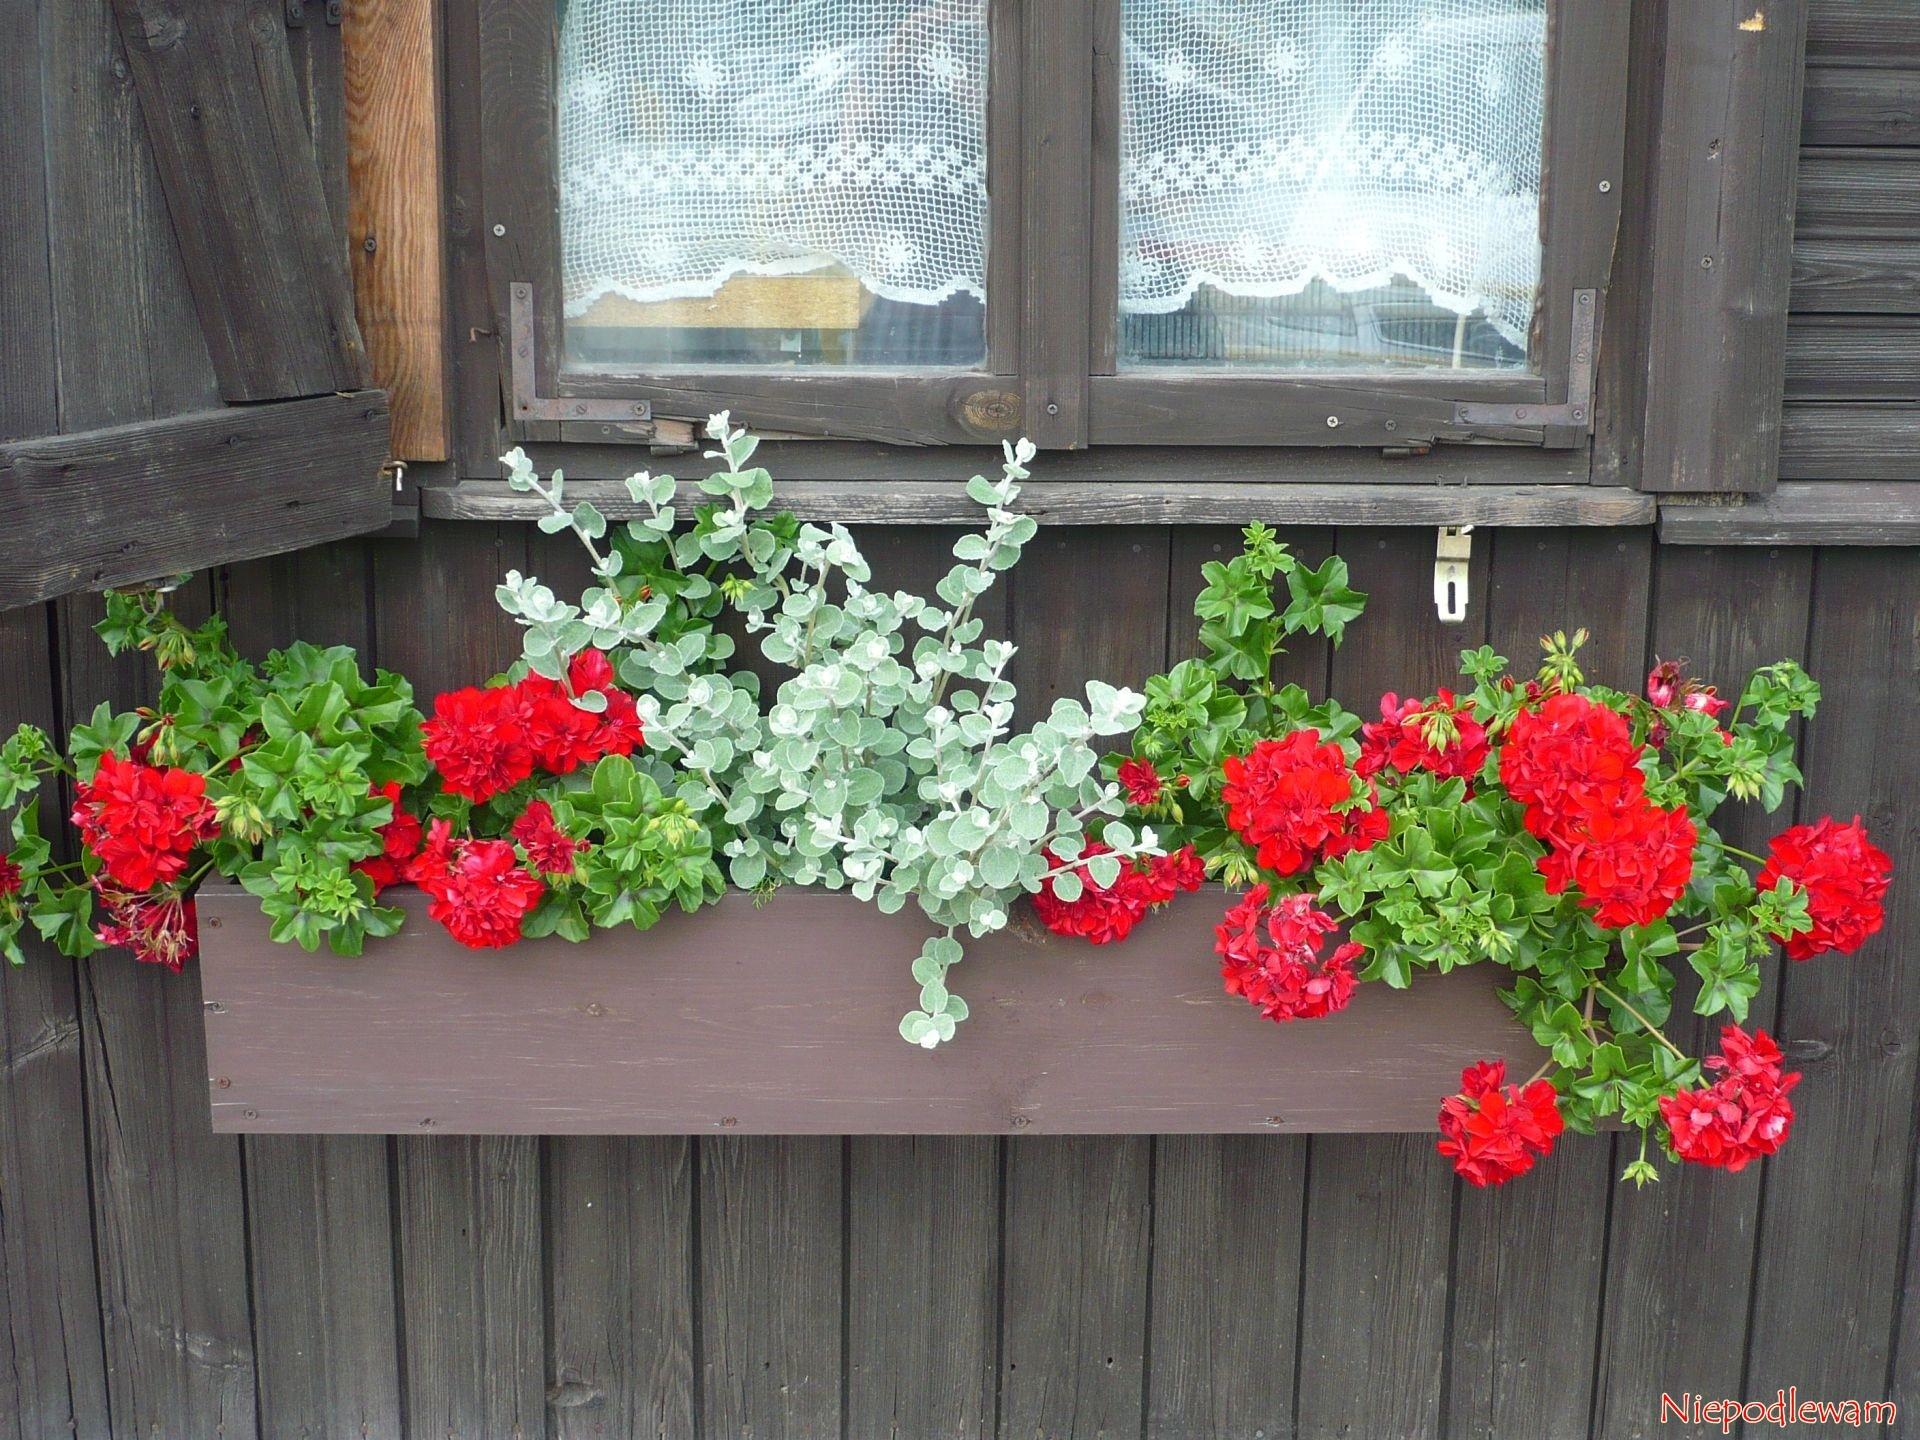 Drewniane Skrzynki Jak Sadzic W Nich Kwiaty